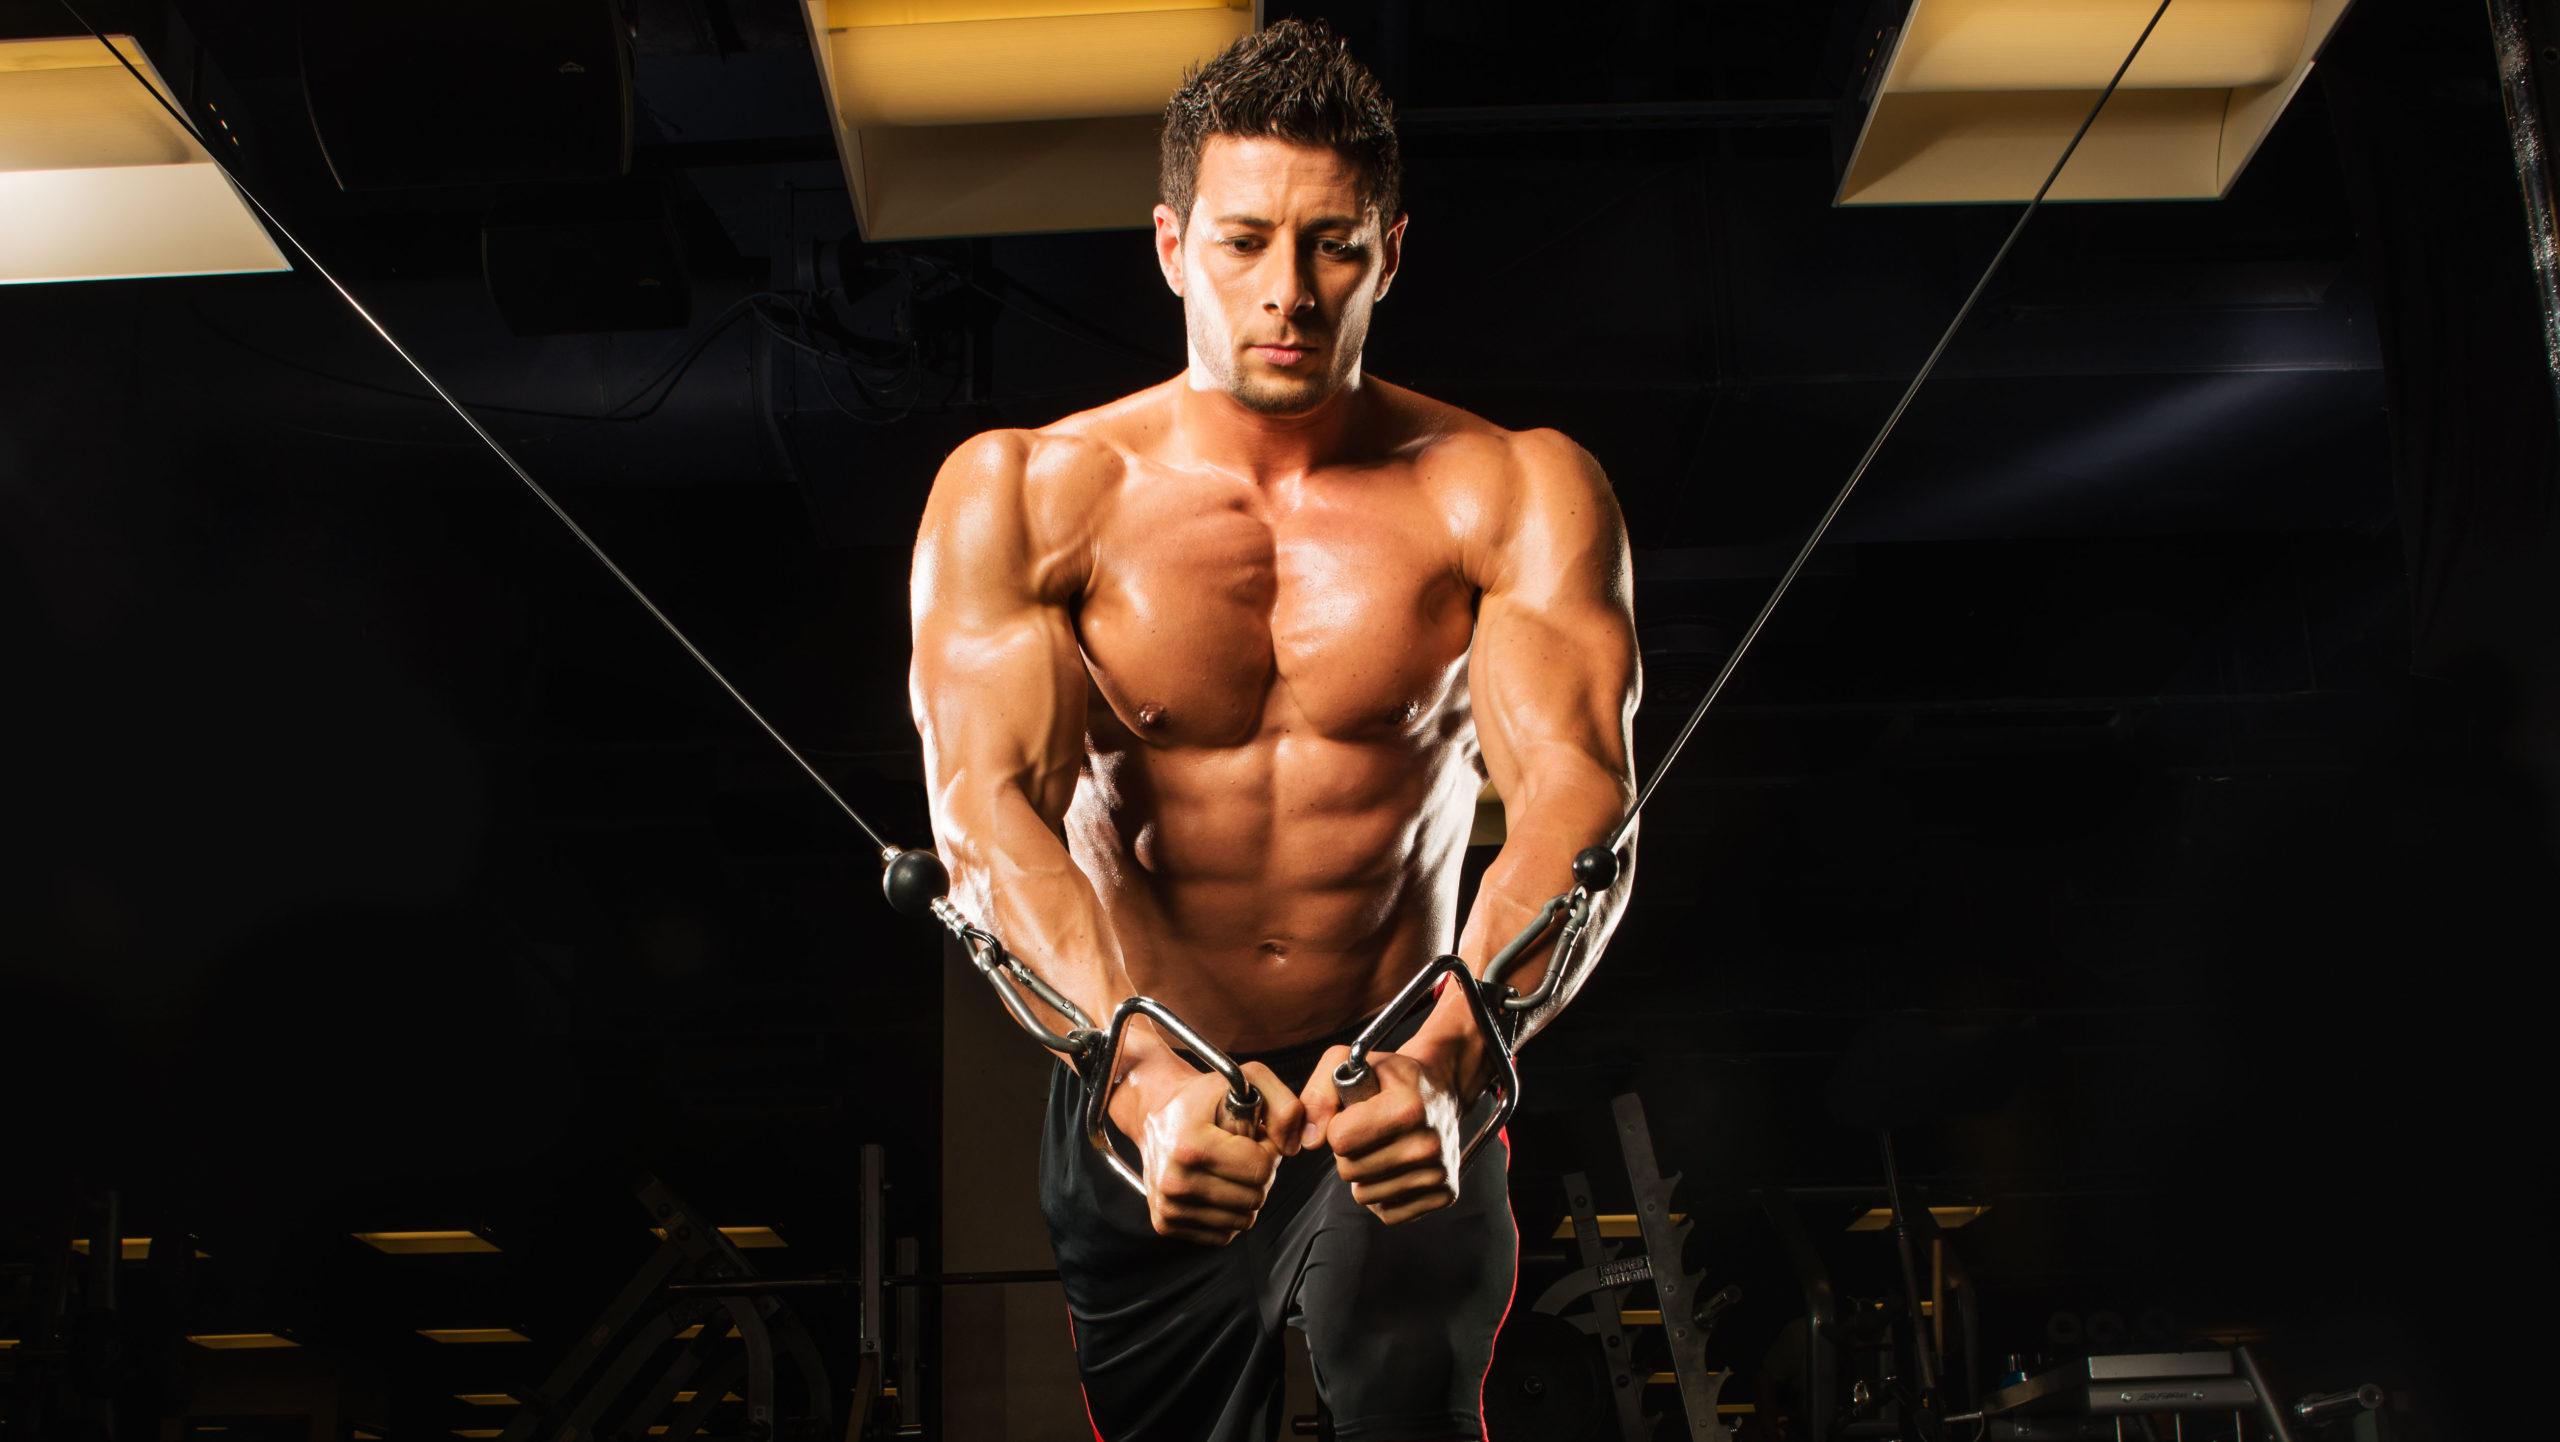 Тренировка мышцы груди в домашних условиях на растяжение.